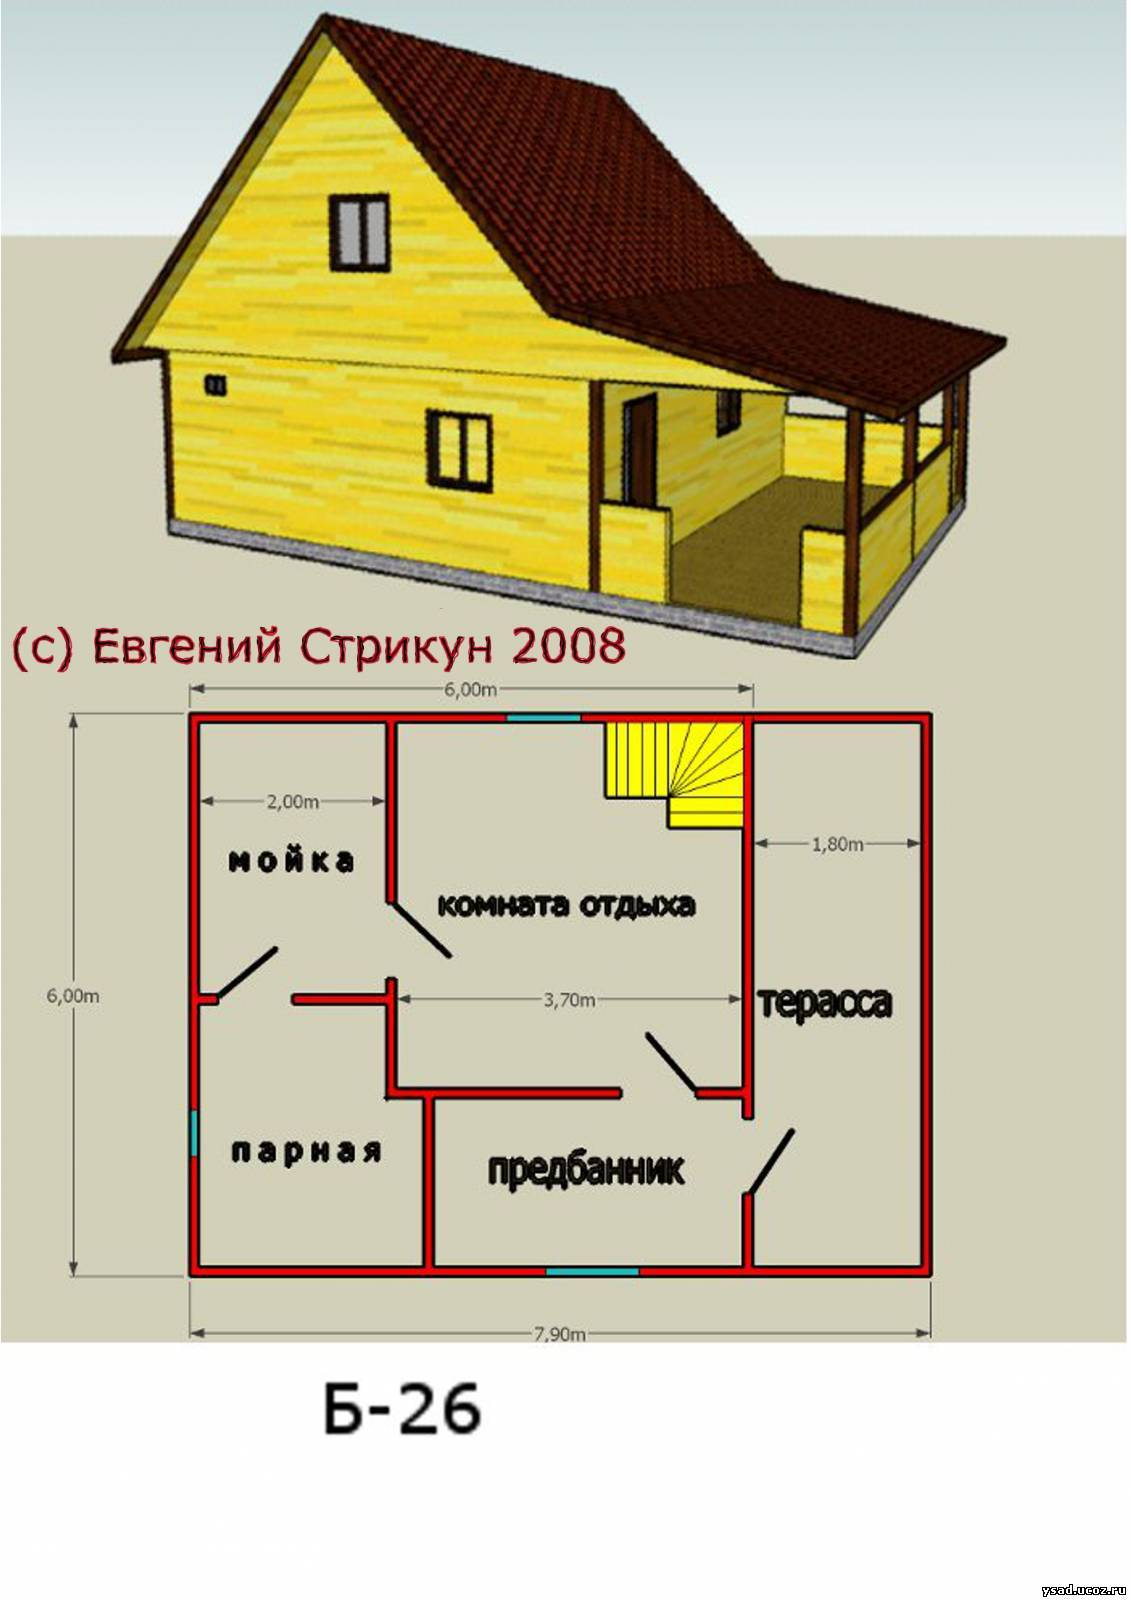 Строим дом 6х8 из пеноблоков: от фундамента до крыши